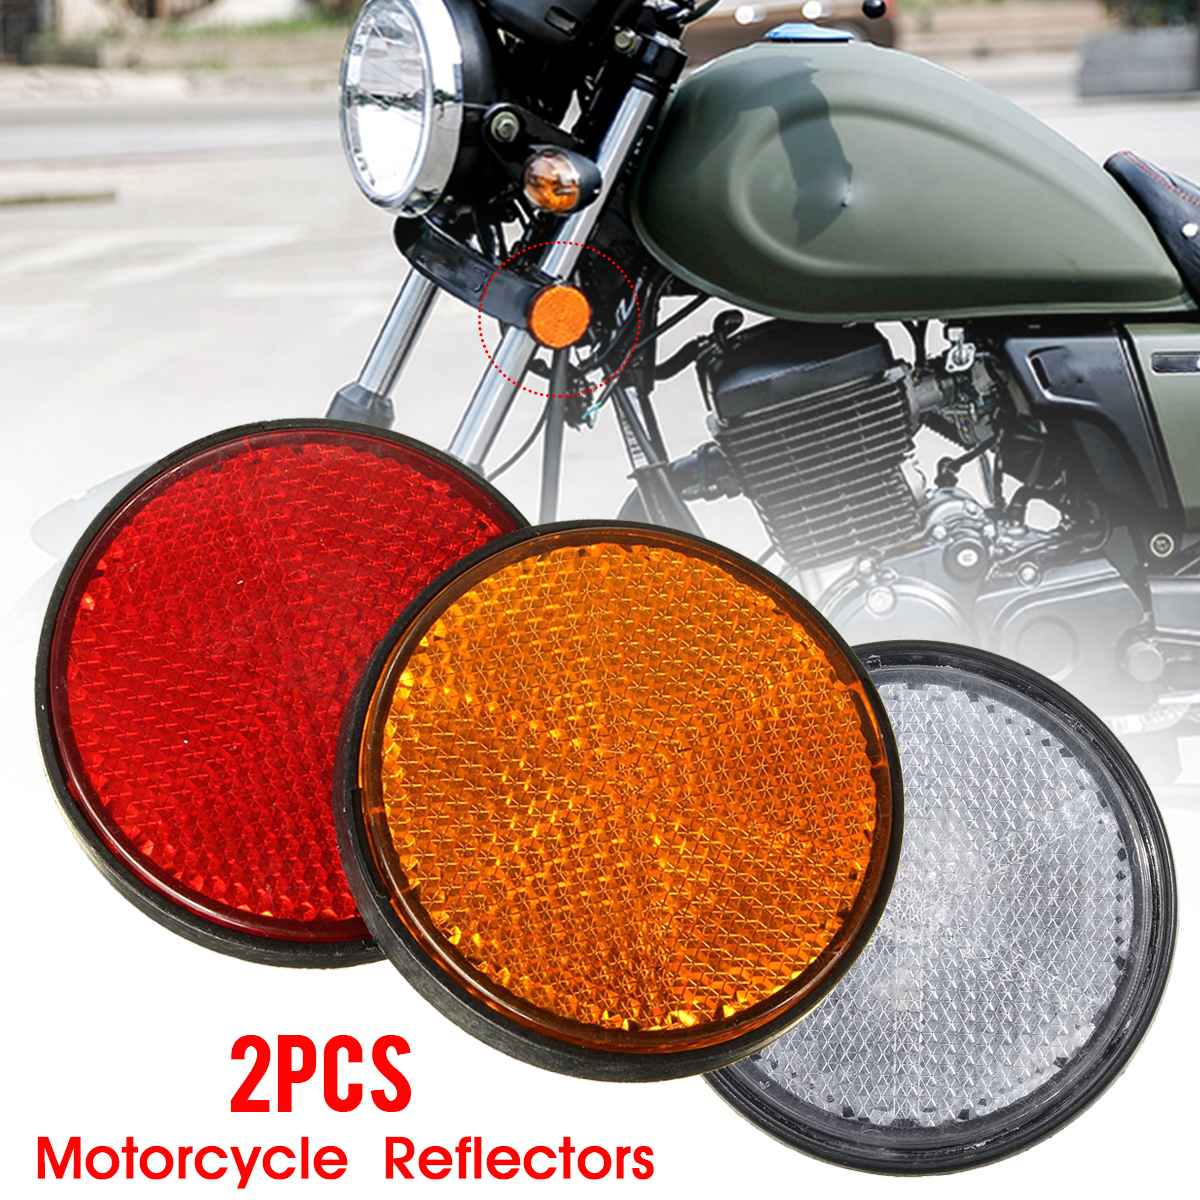 2x2 ''2 дюйма Универсальный мотоциклетный мотовездеход скутер кроссовые велосипеды болт номерной знак Круглый отражатель красный оранжевый